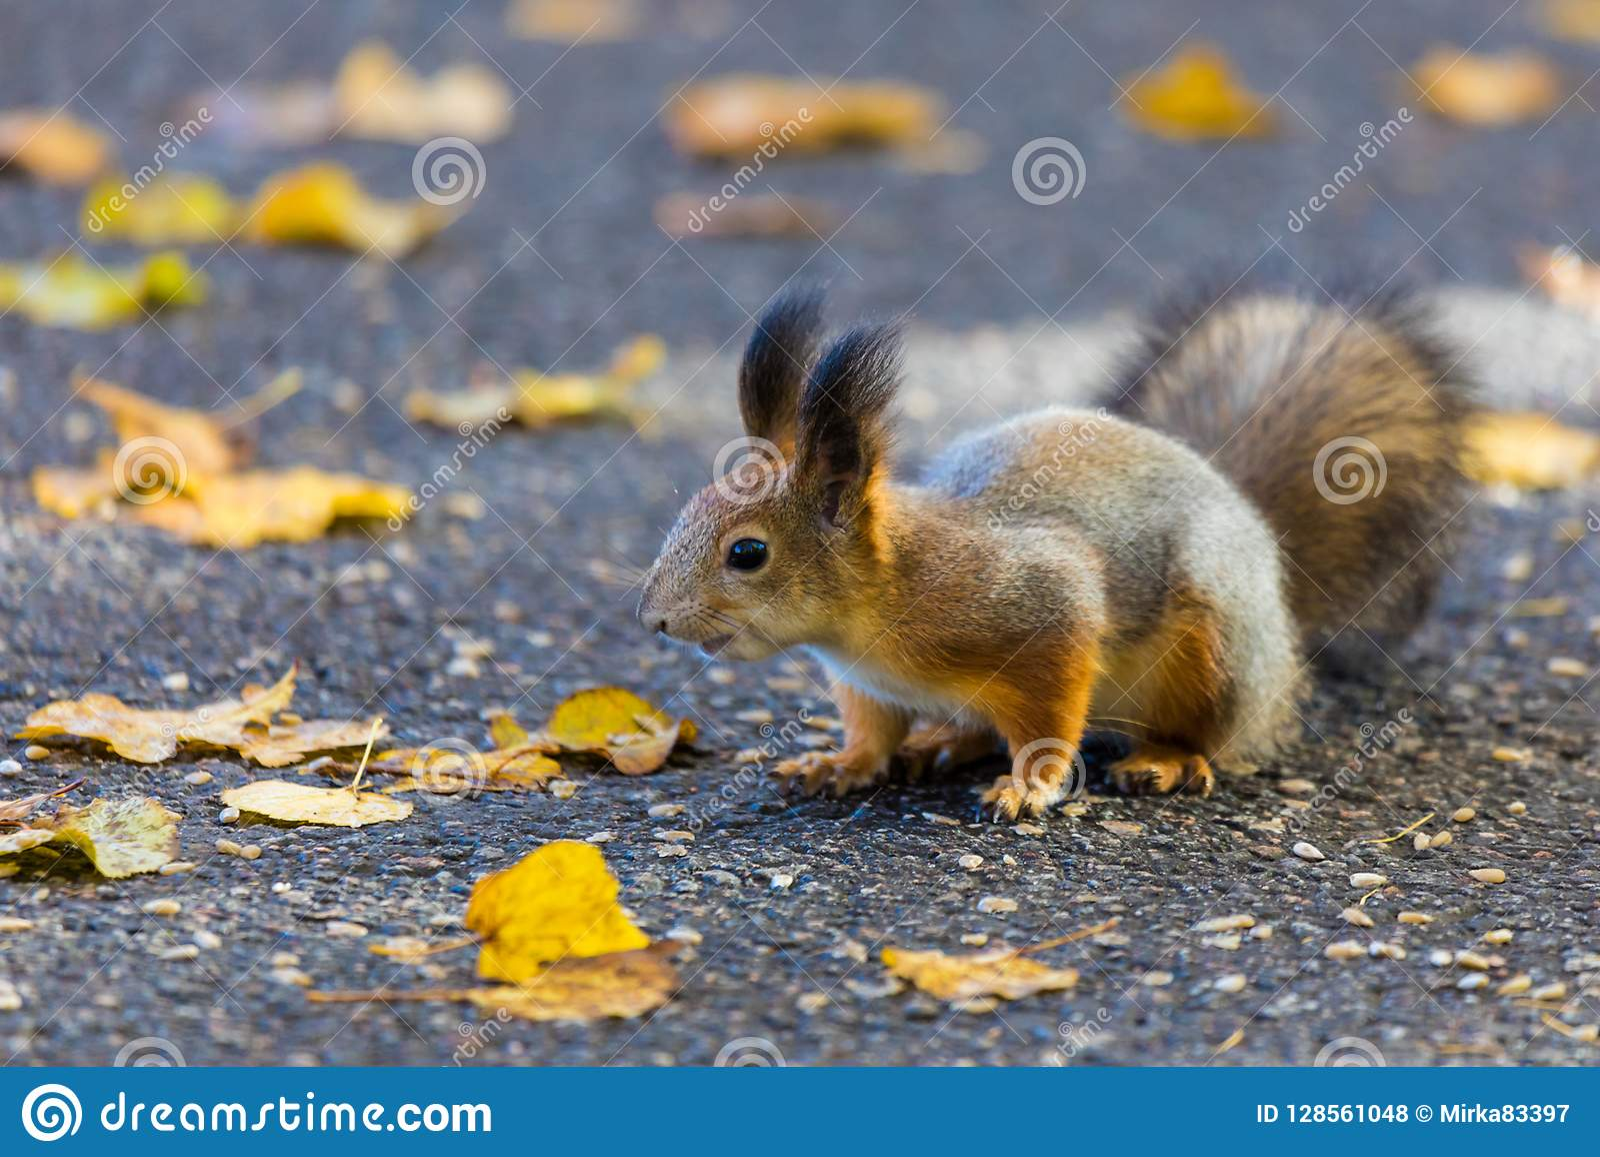 L écureuil jouant en parc recherchant la nourriture pendant le jour ensoleillé d automne